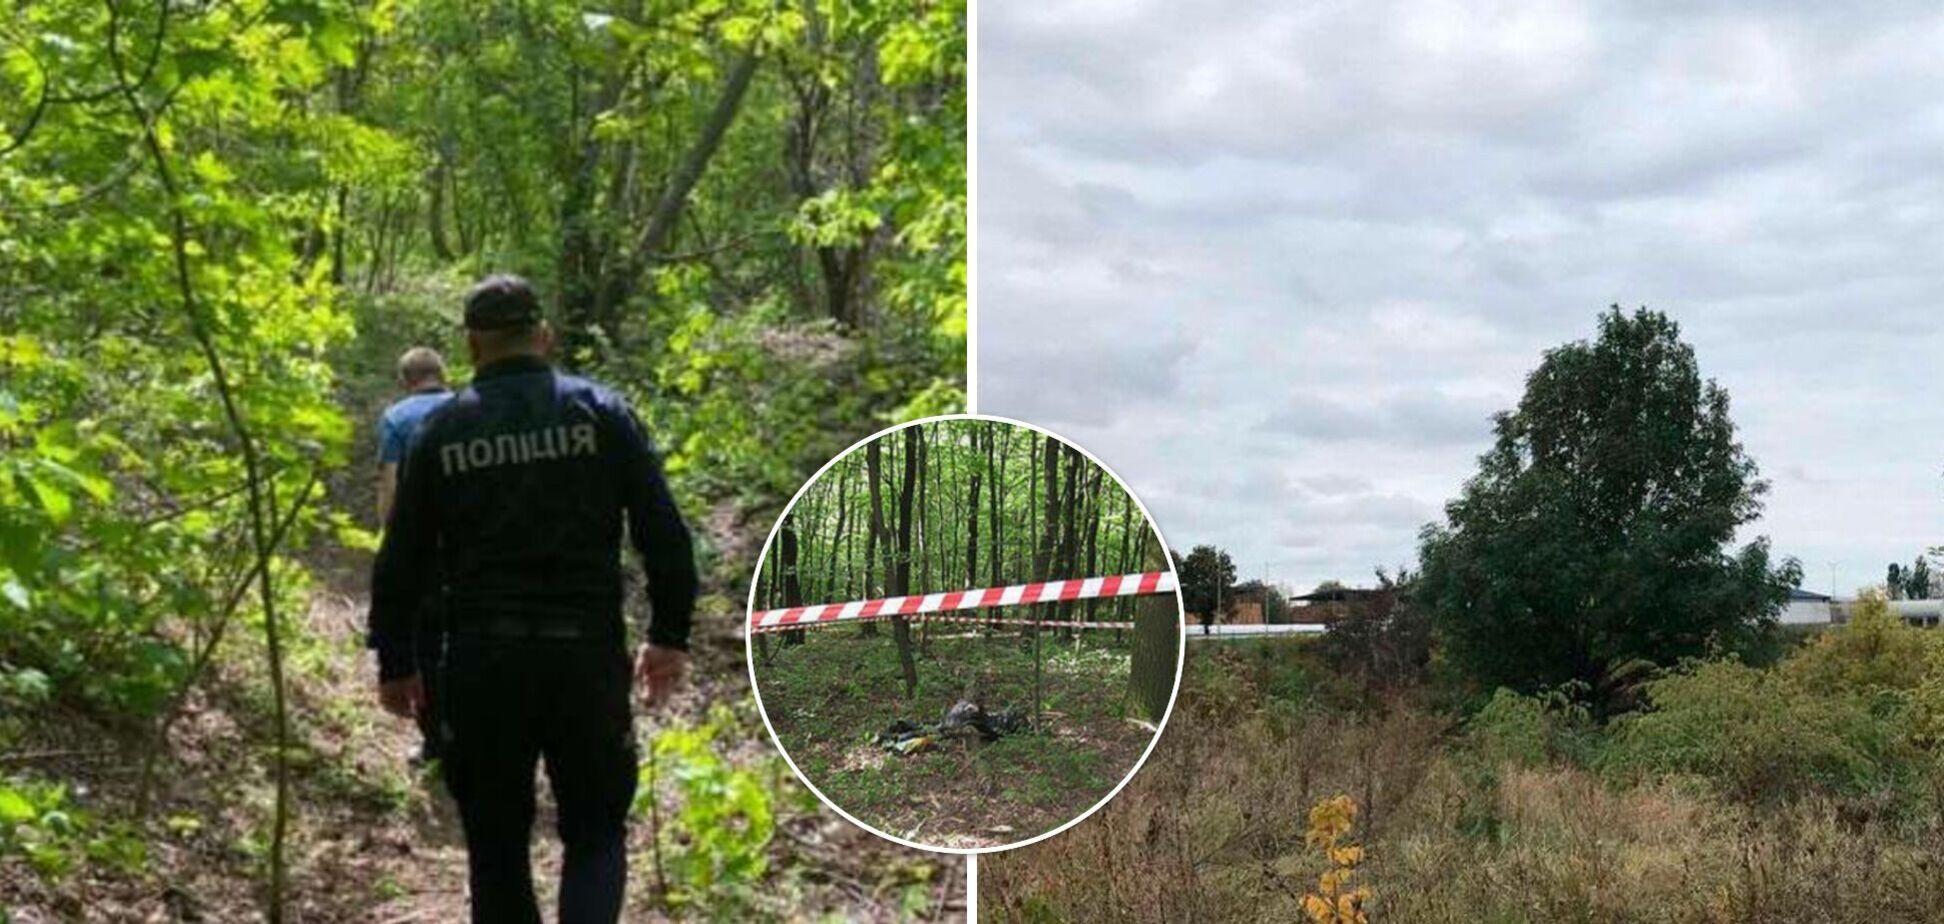 На Полтавщине нашли мертвым 19-летнего парня, пропавшего при загадочных обстоятельствах. Фото